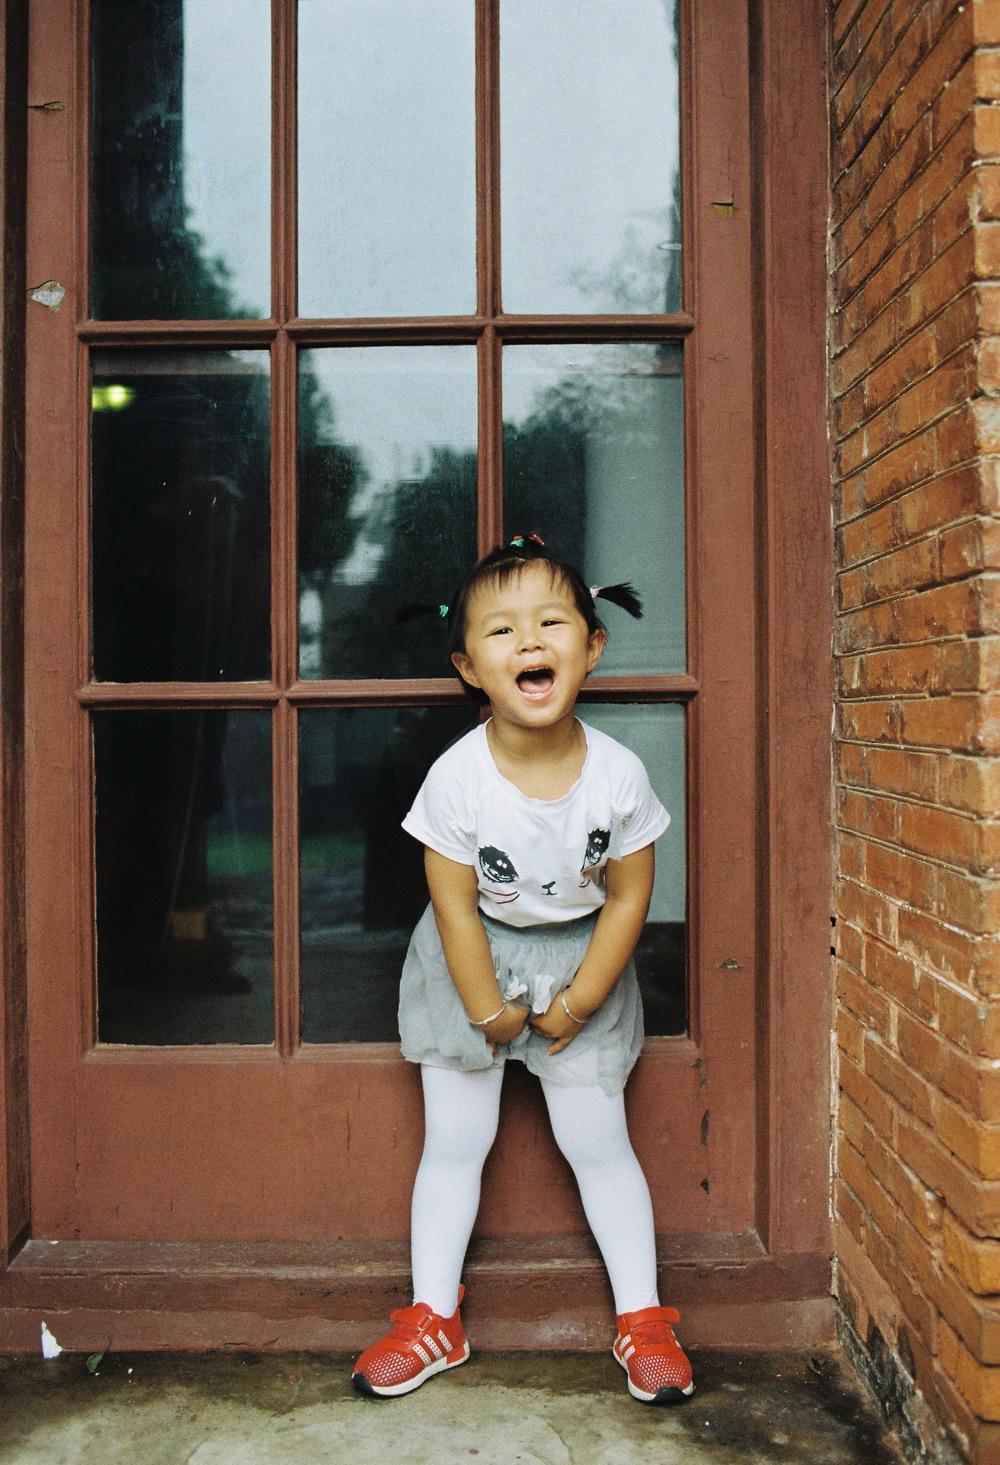 小闺蜜-菲林中文-独立胶片摄影门户!